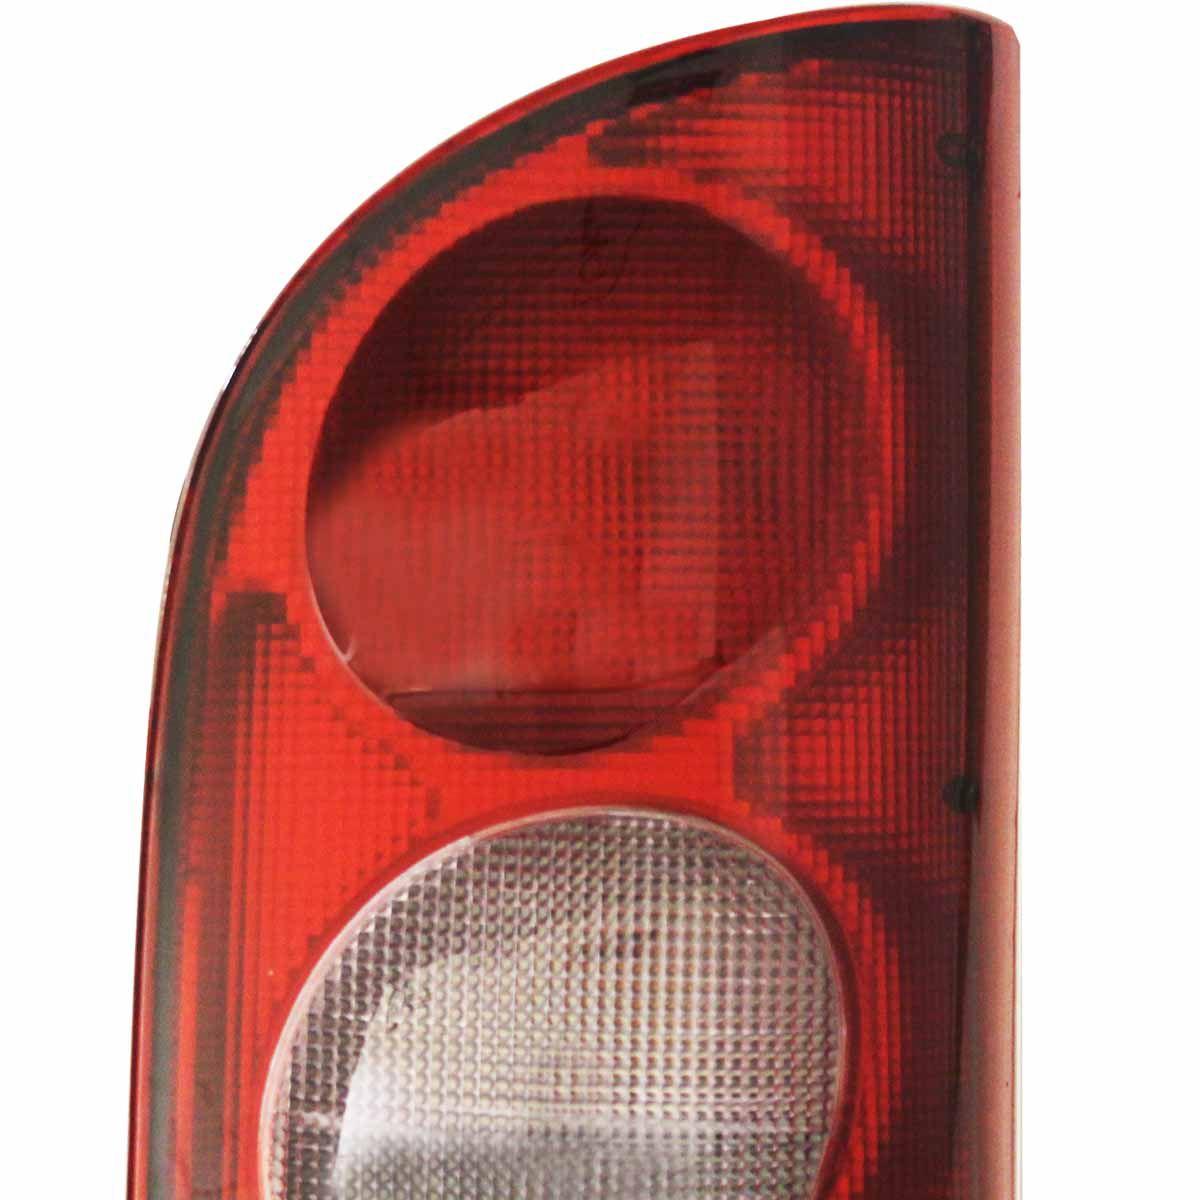 Lanterna Traseira Hyundai H100 1997 1998 1999 2000 2001 2002